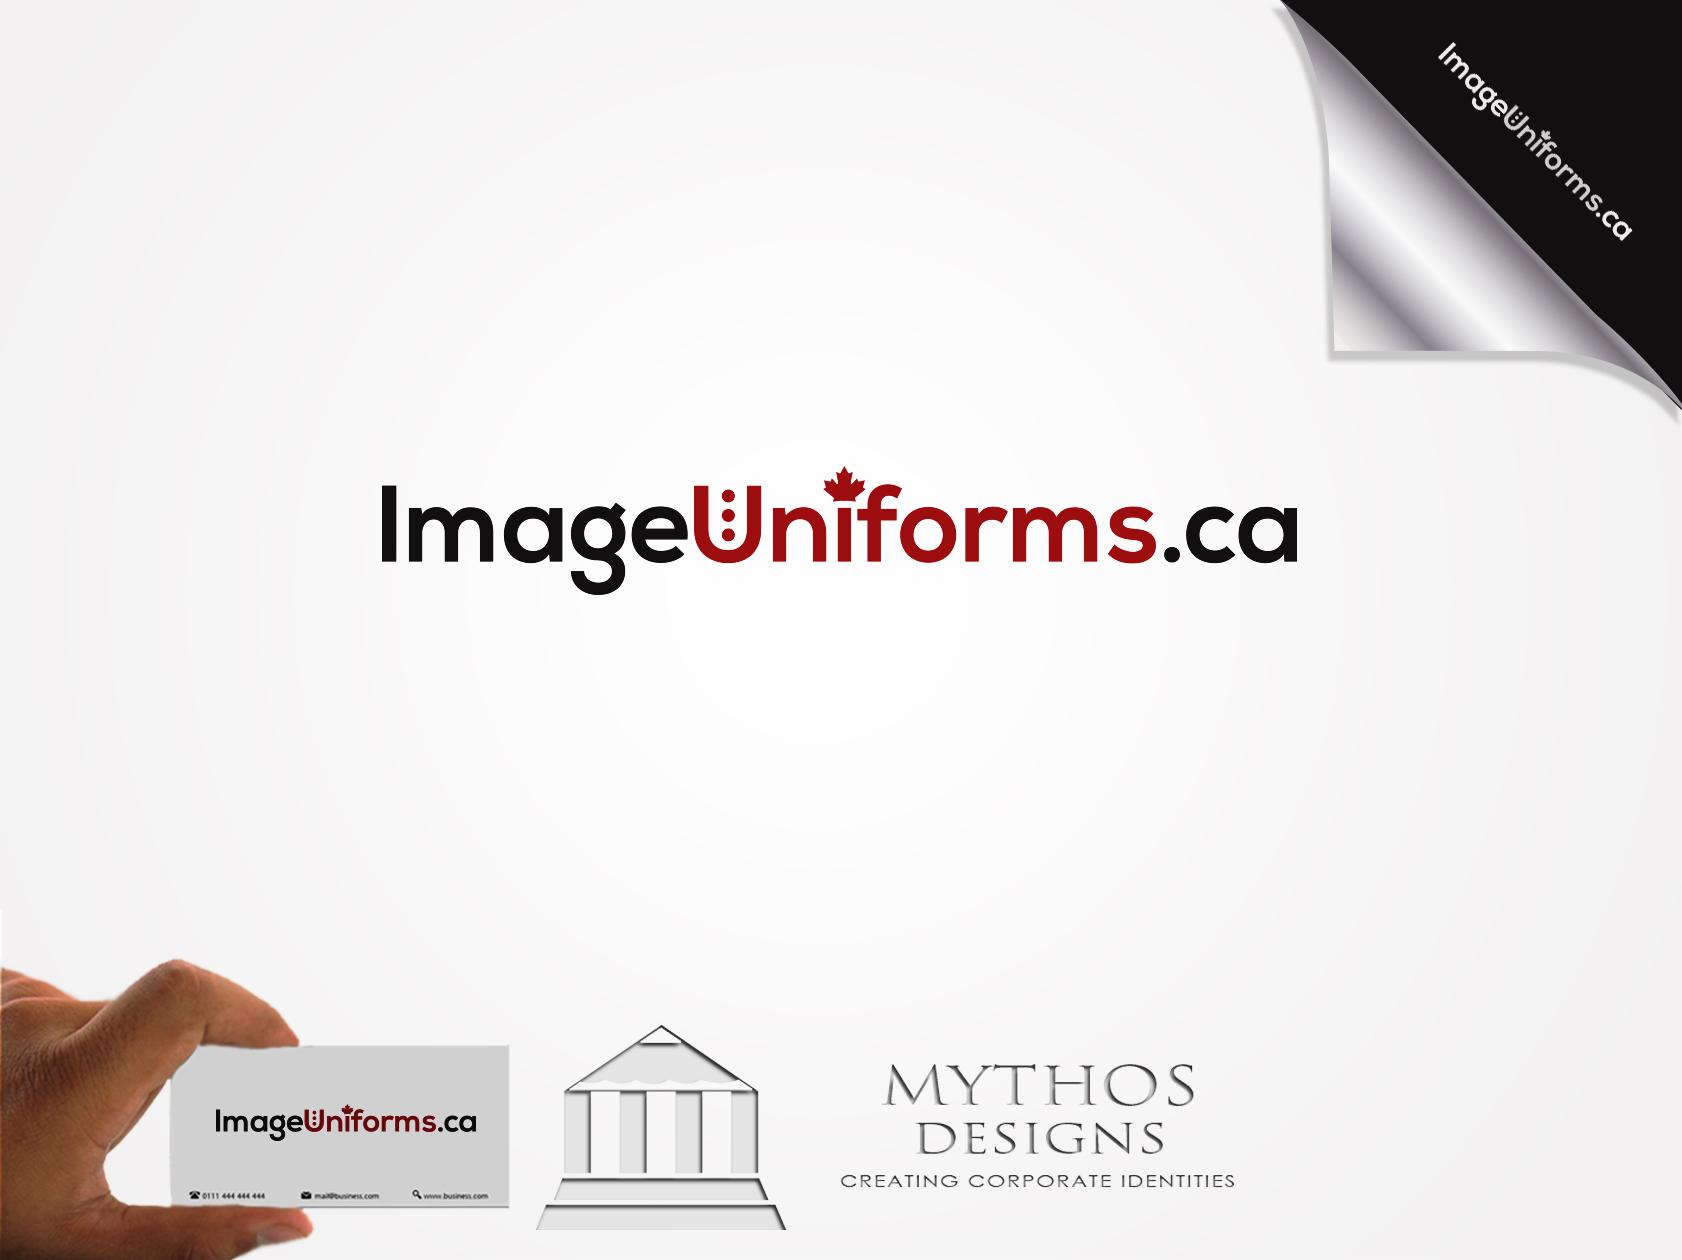 Logo Design by Mythos Designs - Entry No. 59 in the Logo Design Contest Inspiring Logo Design for Image Uniforms Inc.